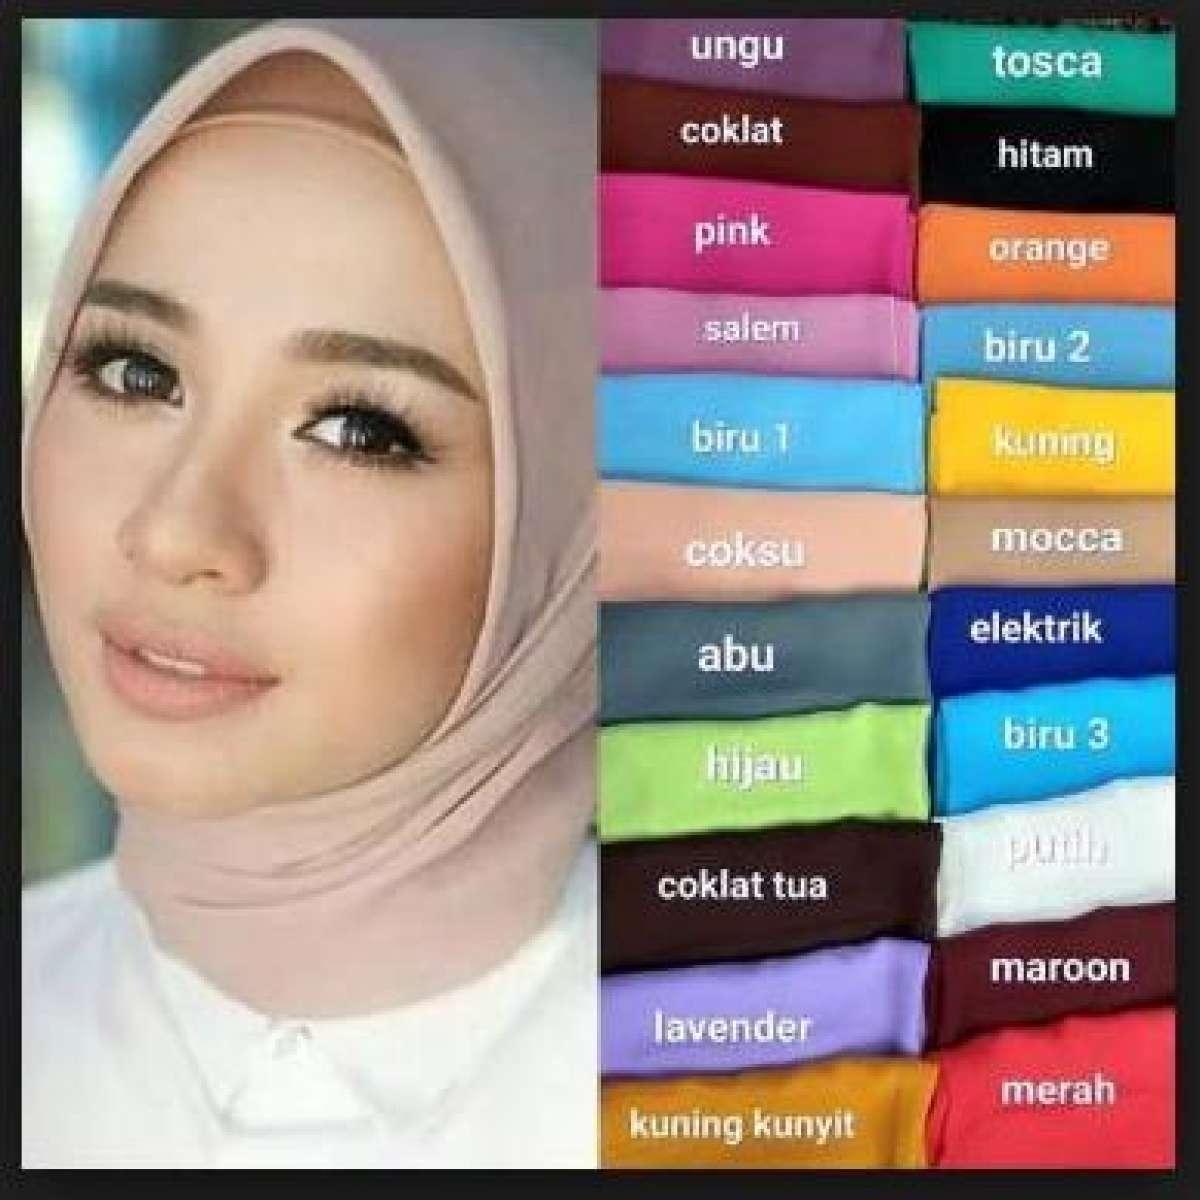 Hijab Segi Empat Polos Bella Square UK 115 x 115 / Jilbab Hijab Segiempat / Kerudung / Bela Square / Bella Squre / Jilbab Segi Empat Polos / Jibab / Kerudung Segi Empat Polos / Pasmina / Phasmina / Bella Square